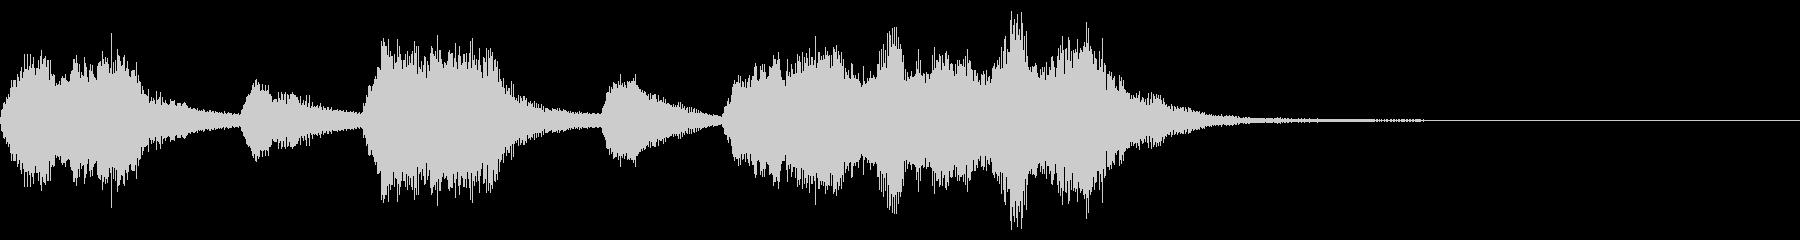 オーケストラによる優雅なジングルの未再生の波形